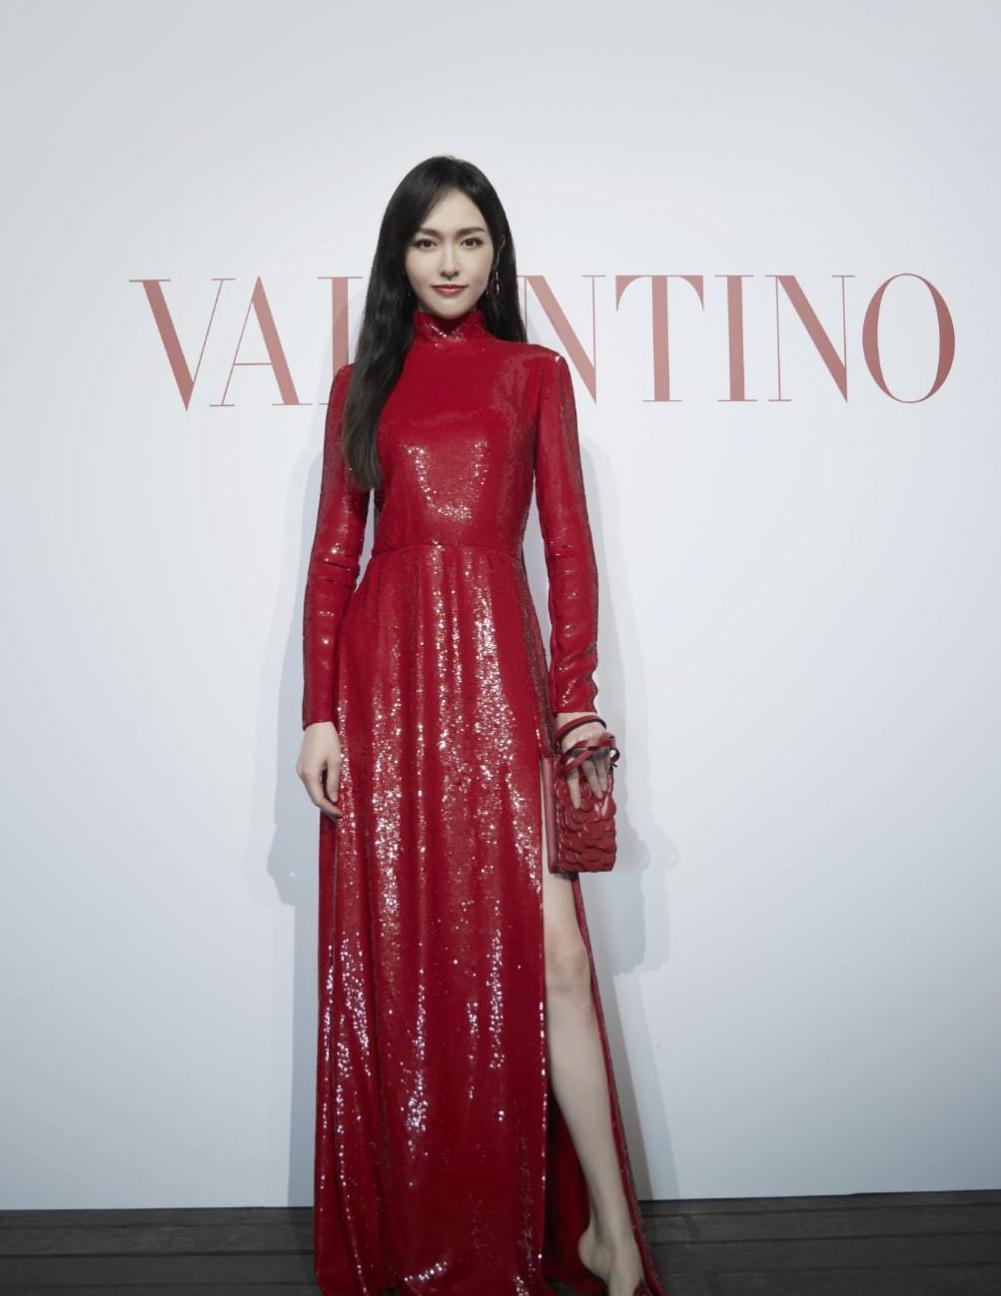 唐嫣出席品牌时装秀,红色亮片裙精致优雅,高开叉设计大长腿抢镜